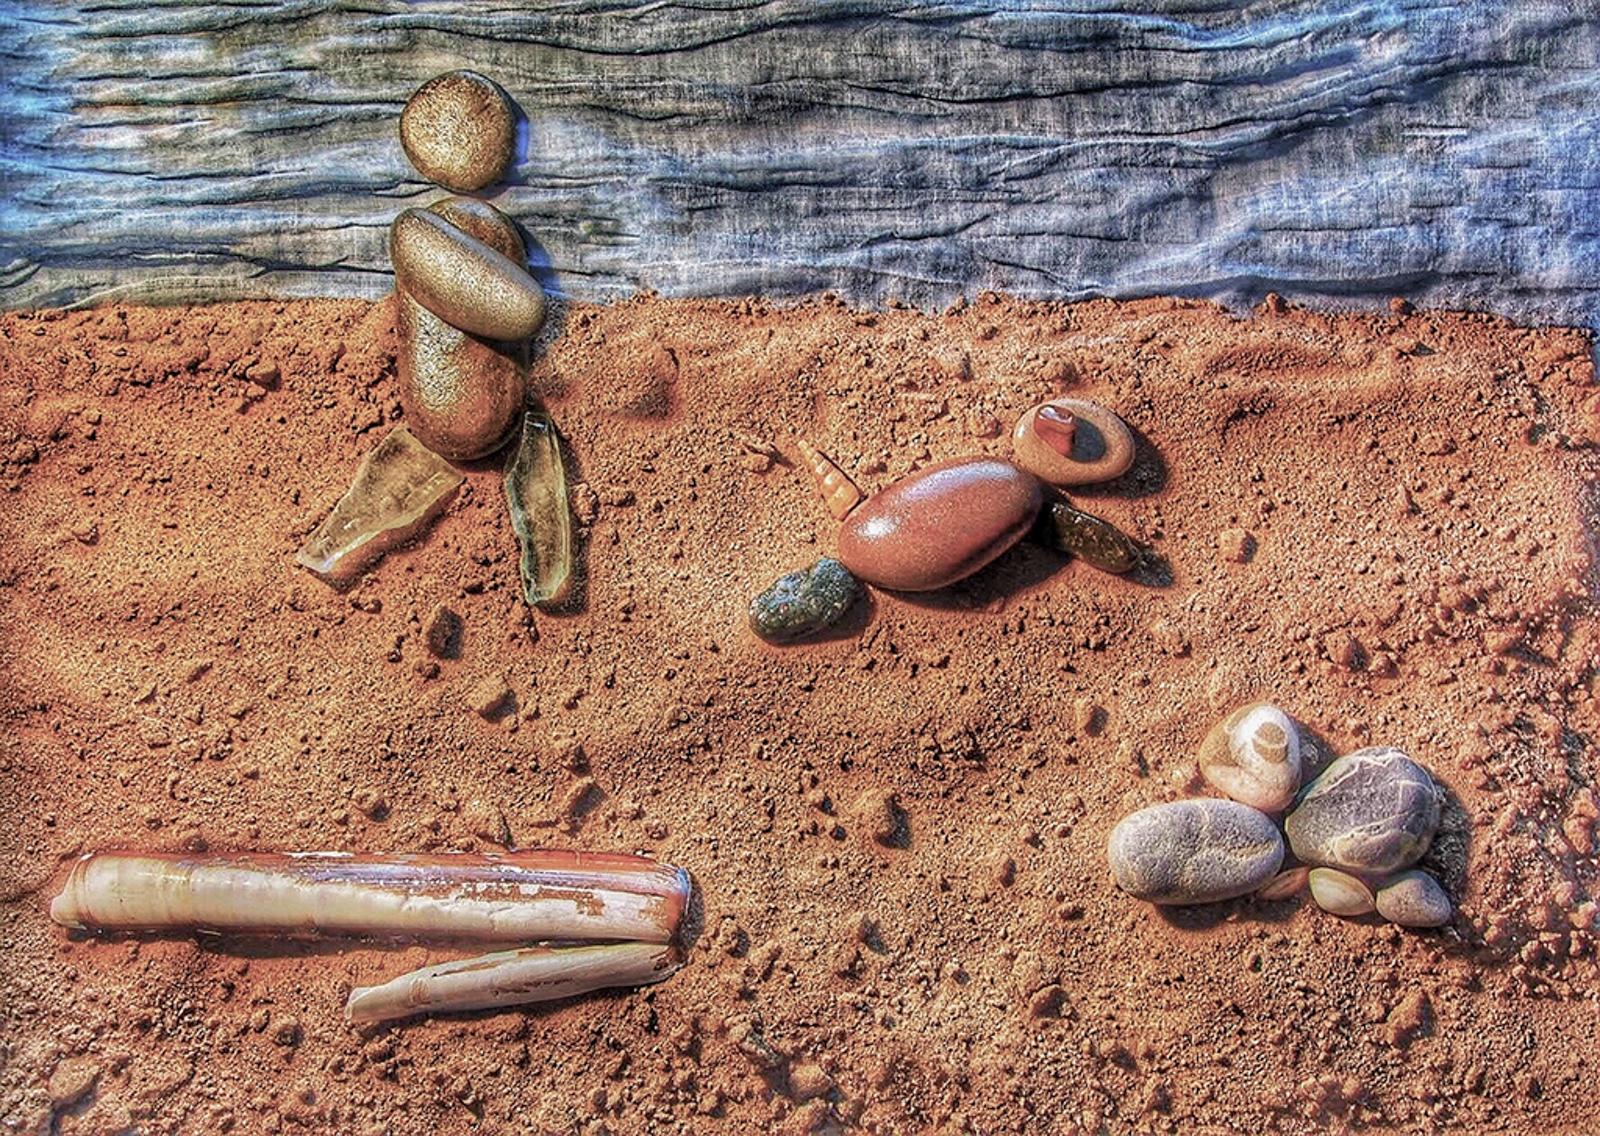 Beach Walkies, by Nicki Greenwood